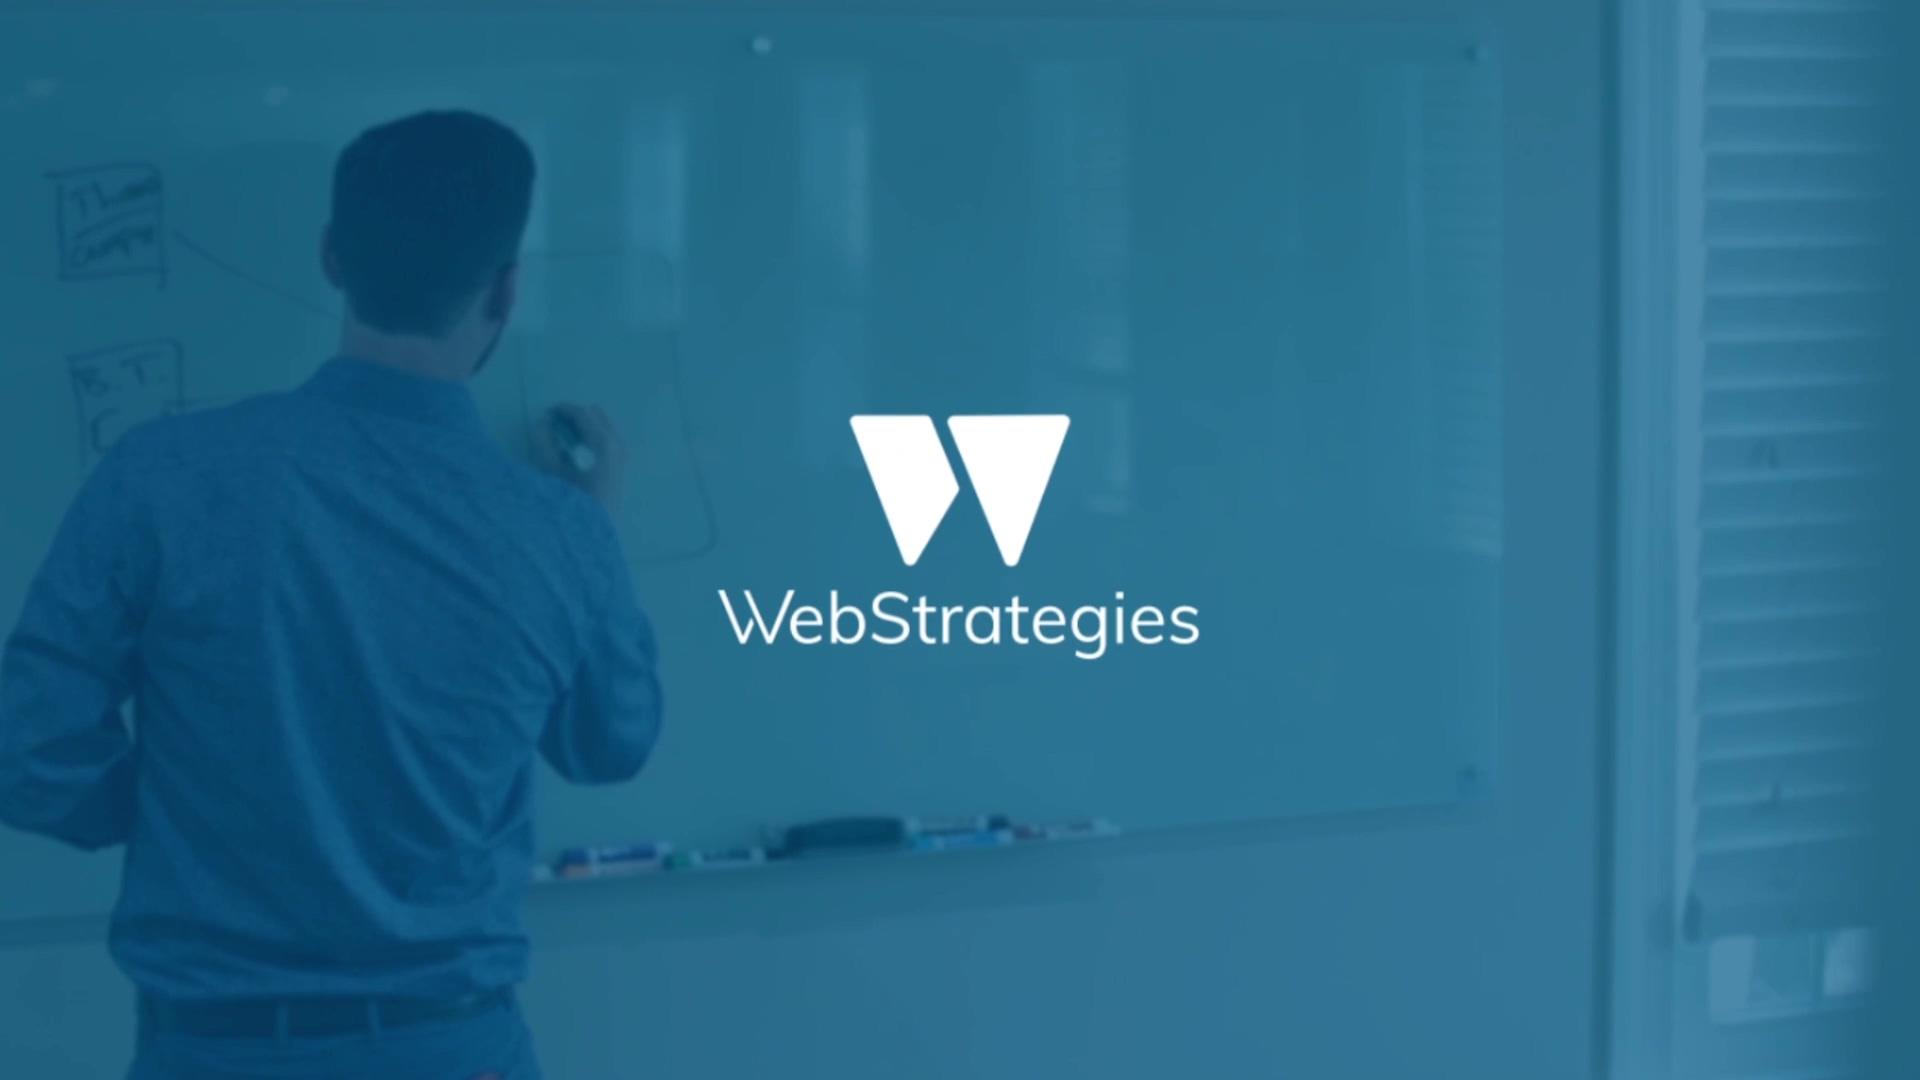 Manufacturer Digital Marketing WebStrategies